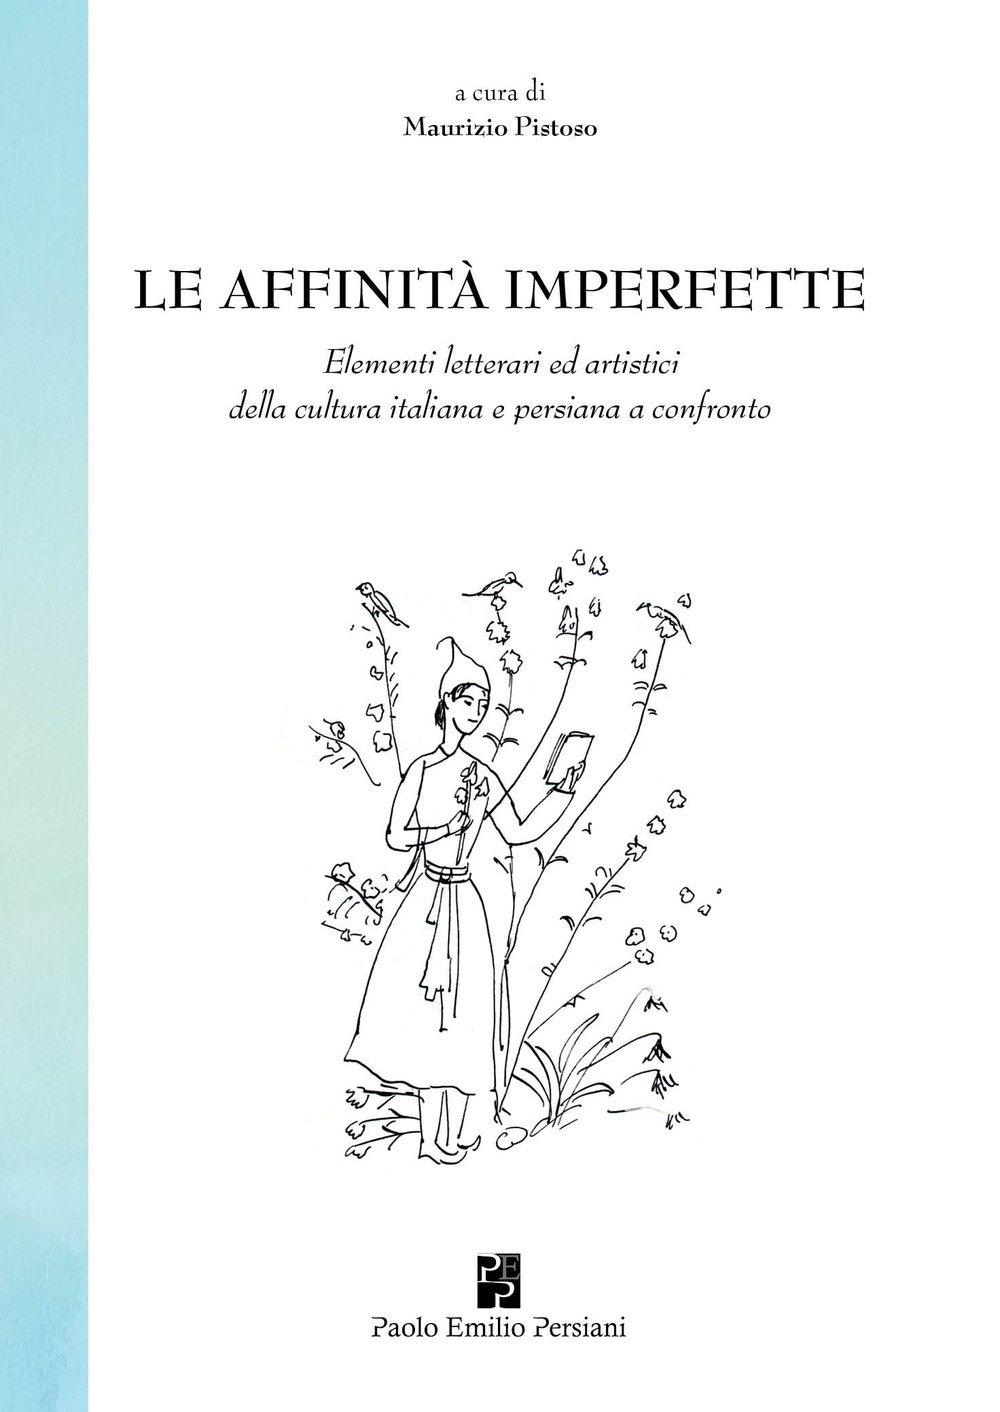 Le affinità imperfette. Elementi letterari ed artistici della cultura italiana e persiana a confronto